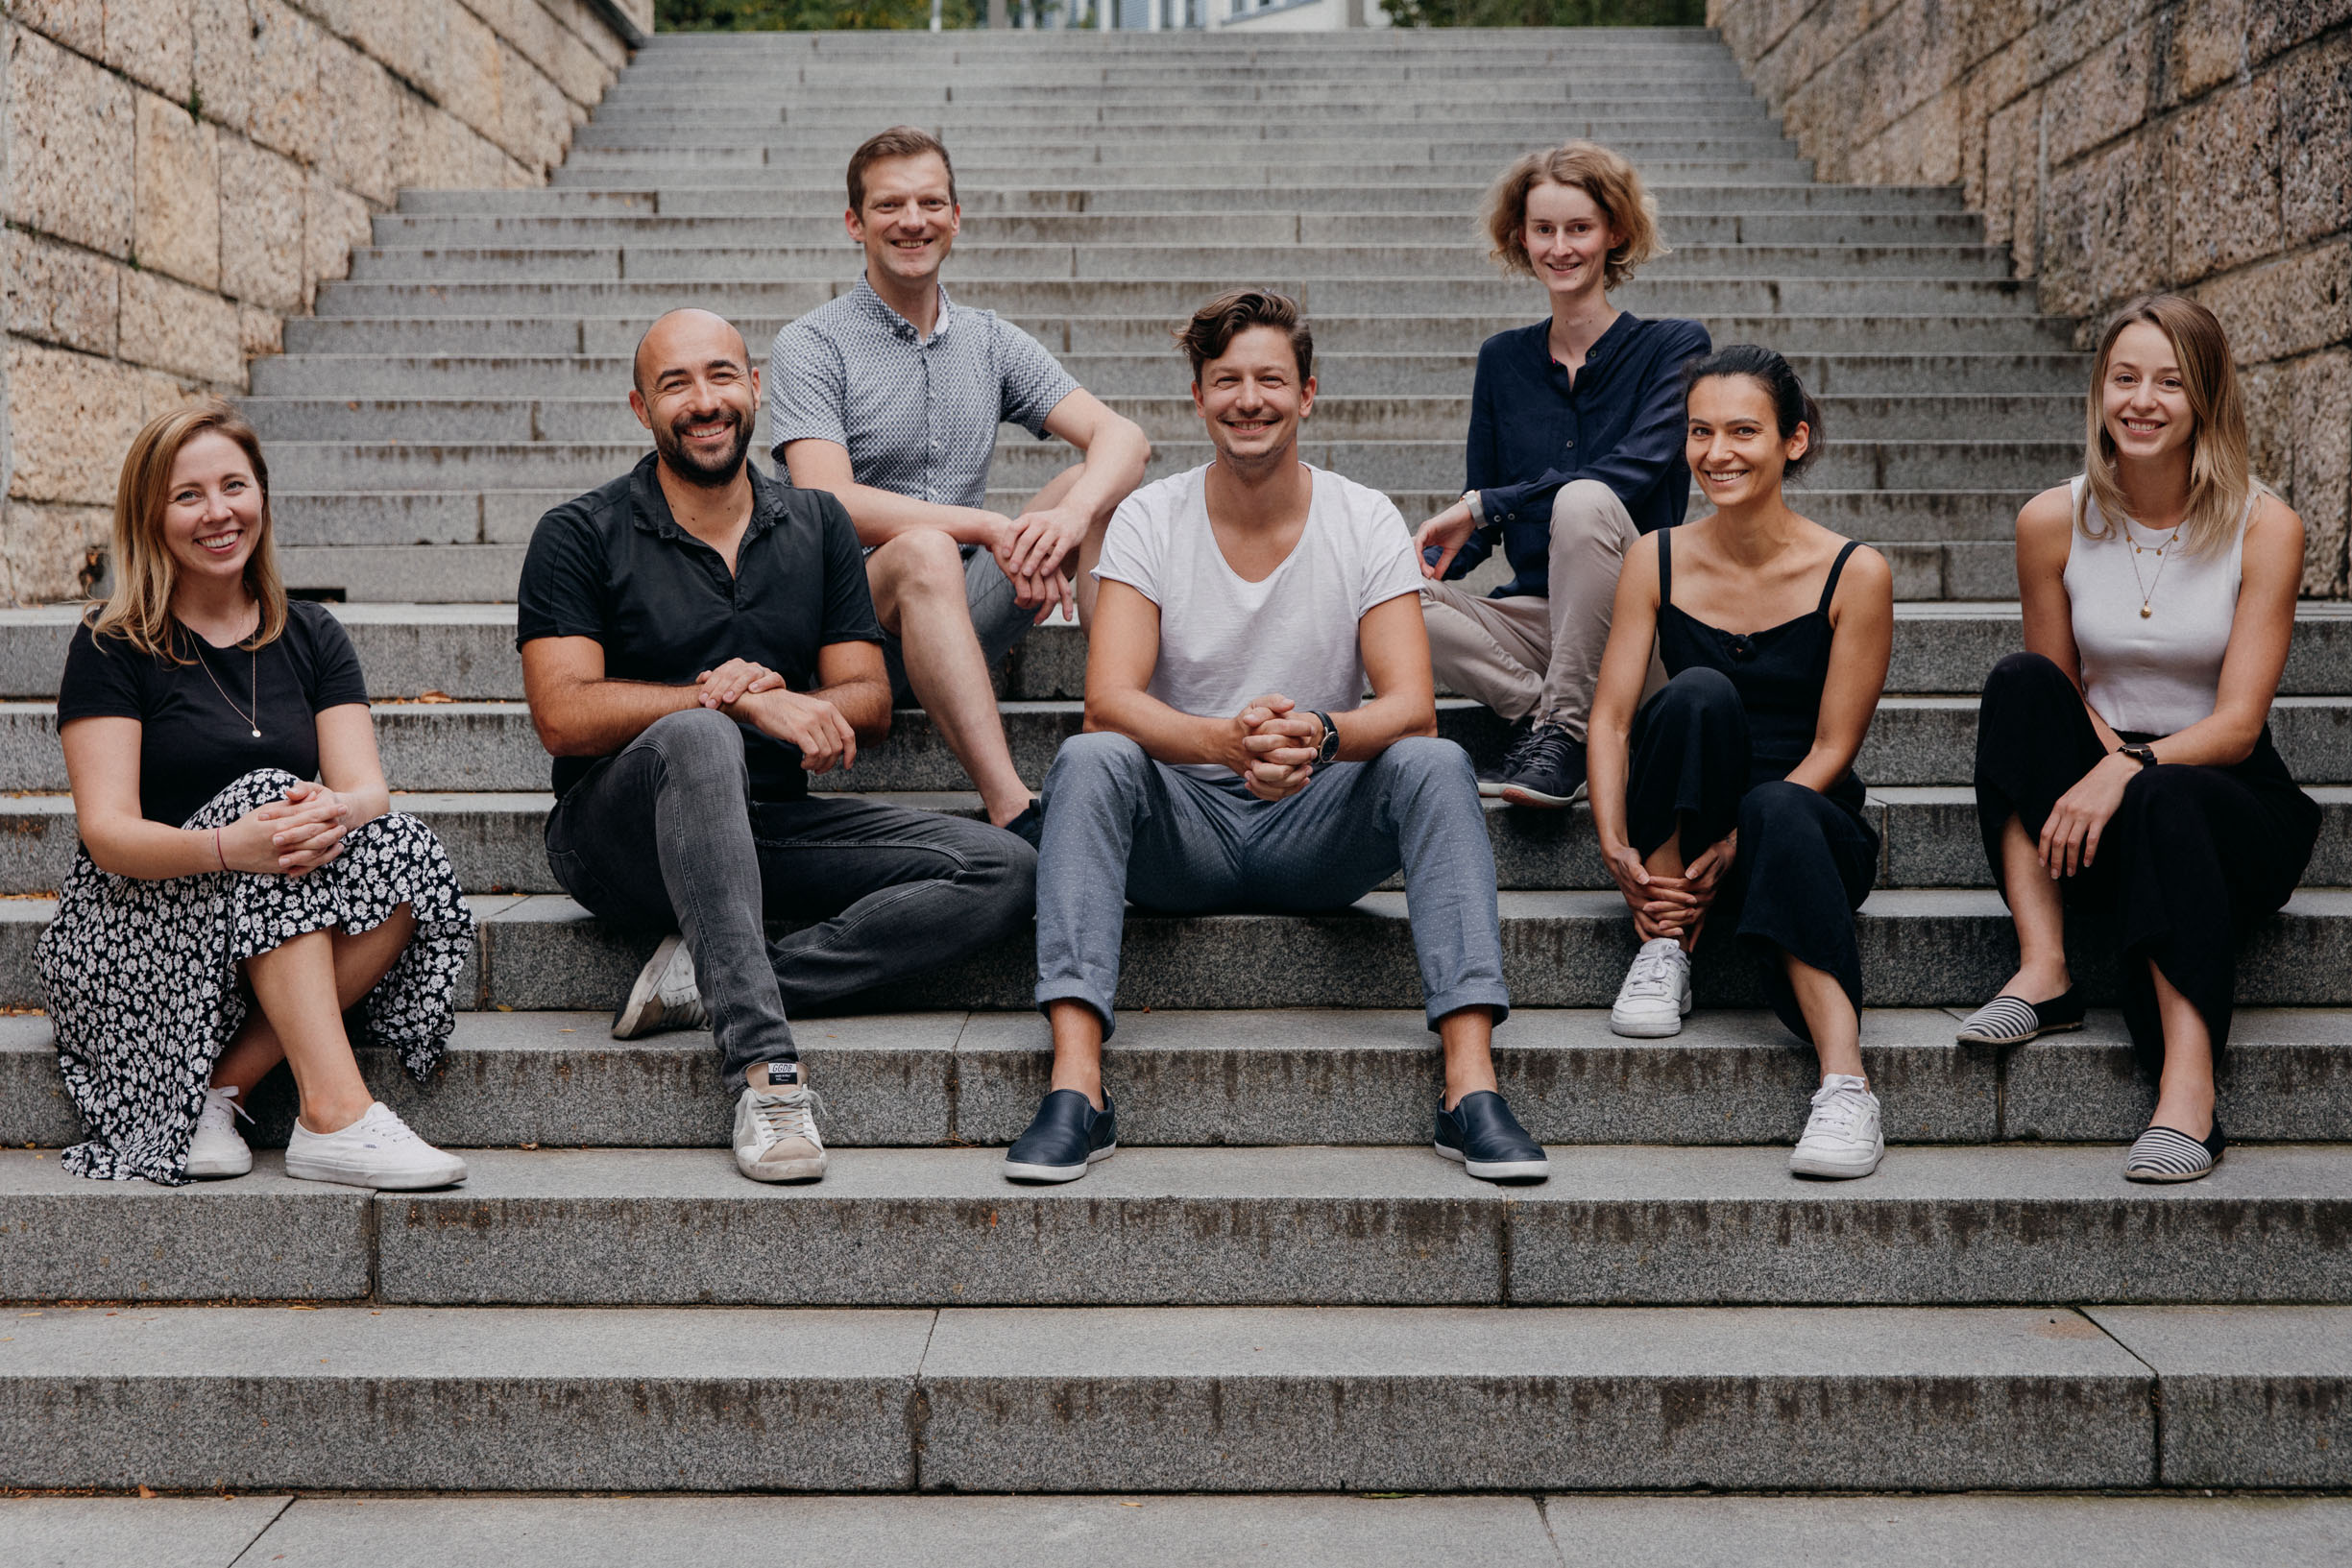 Auf Wachstumskurs: Die Everlisten-Gründer Markus Jausovec (2. v. l.) und Alexander Petschar (m.) beschäftigen bereits sieben Mitarbeiter. (Foto: Everlisten)